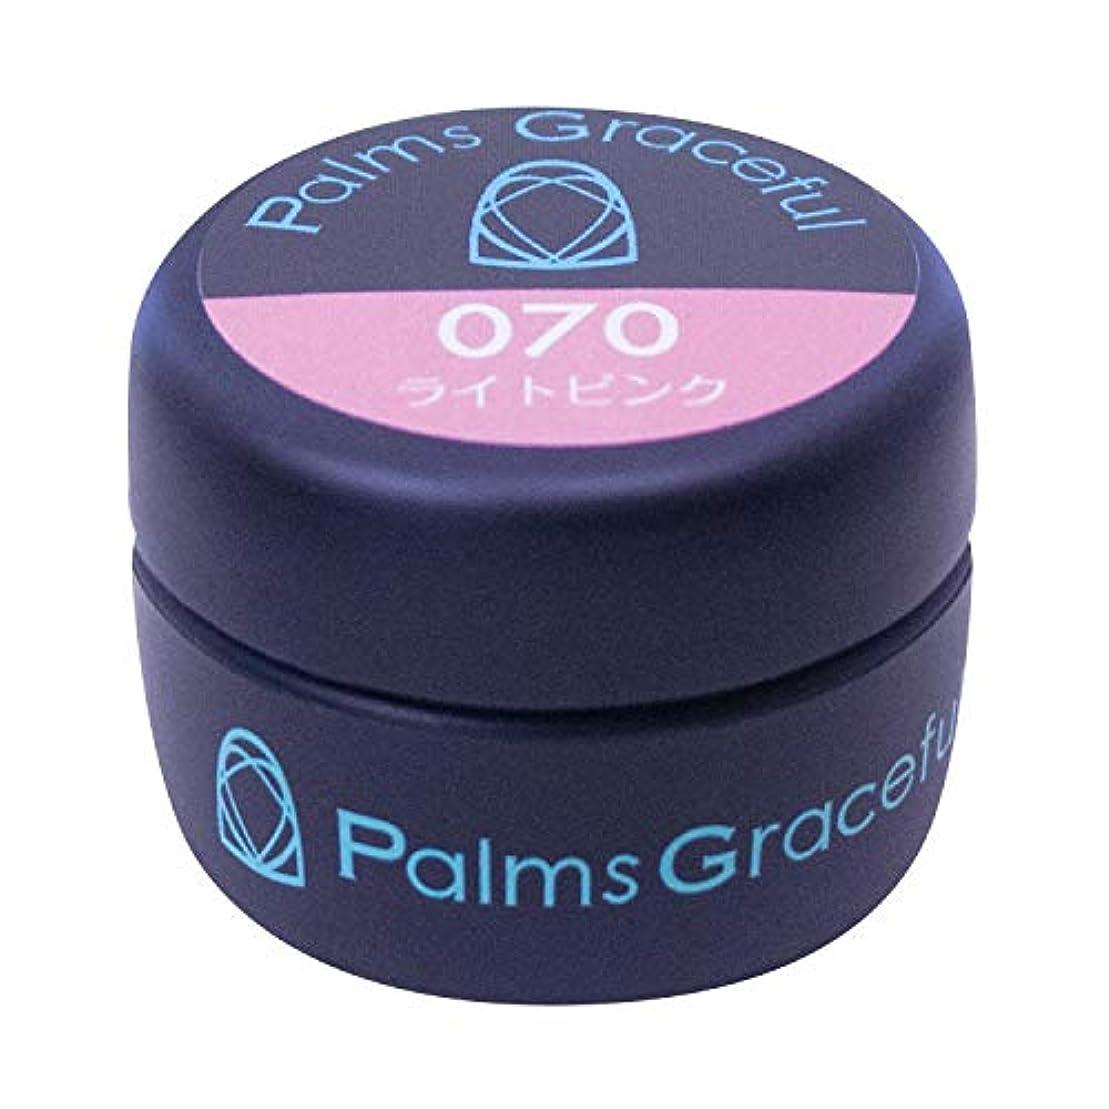 一節パイルカウンターパートPalms Graceful カラージェル 3g 070 ライトピンク